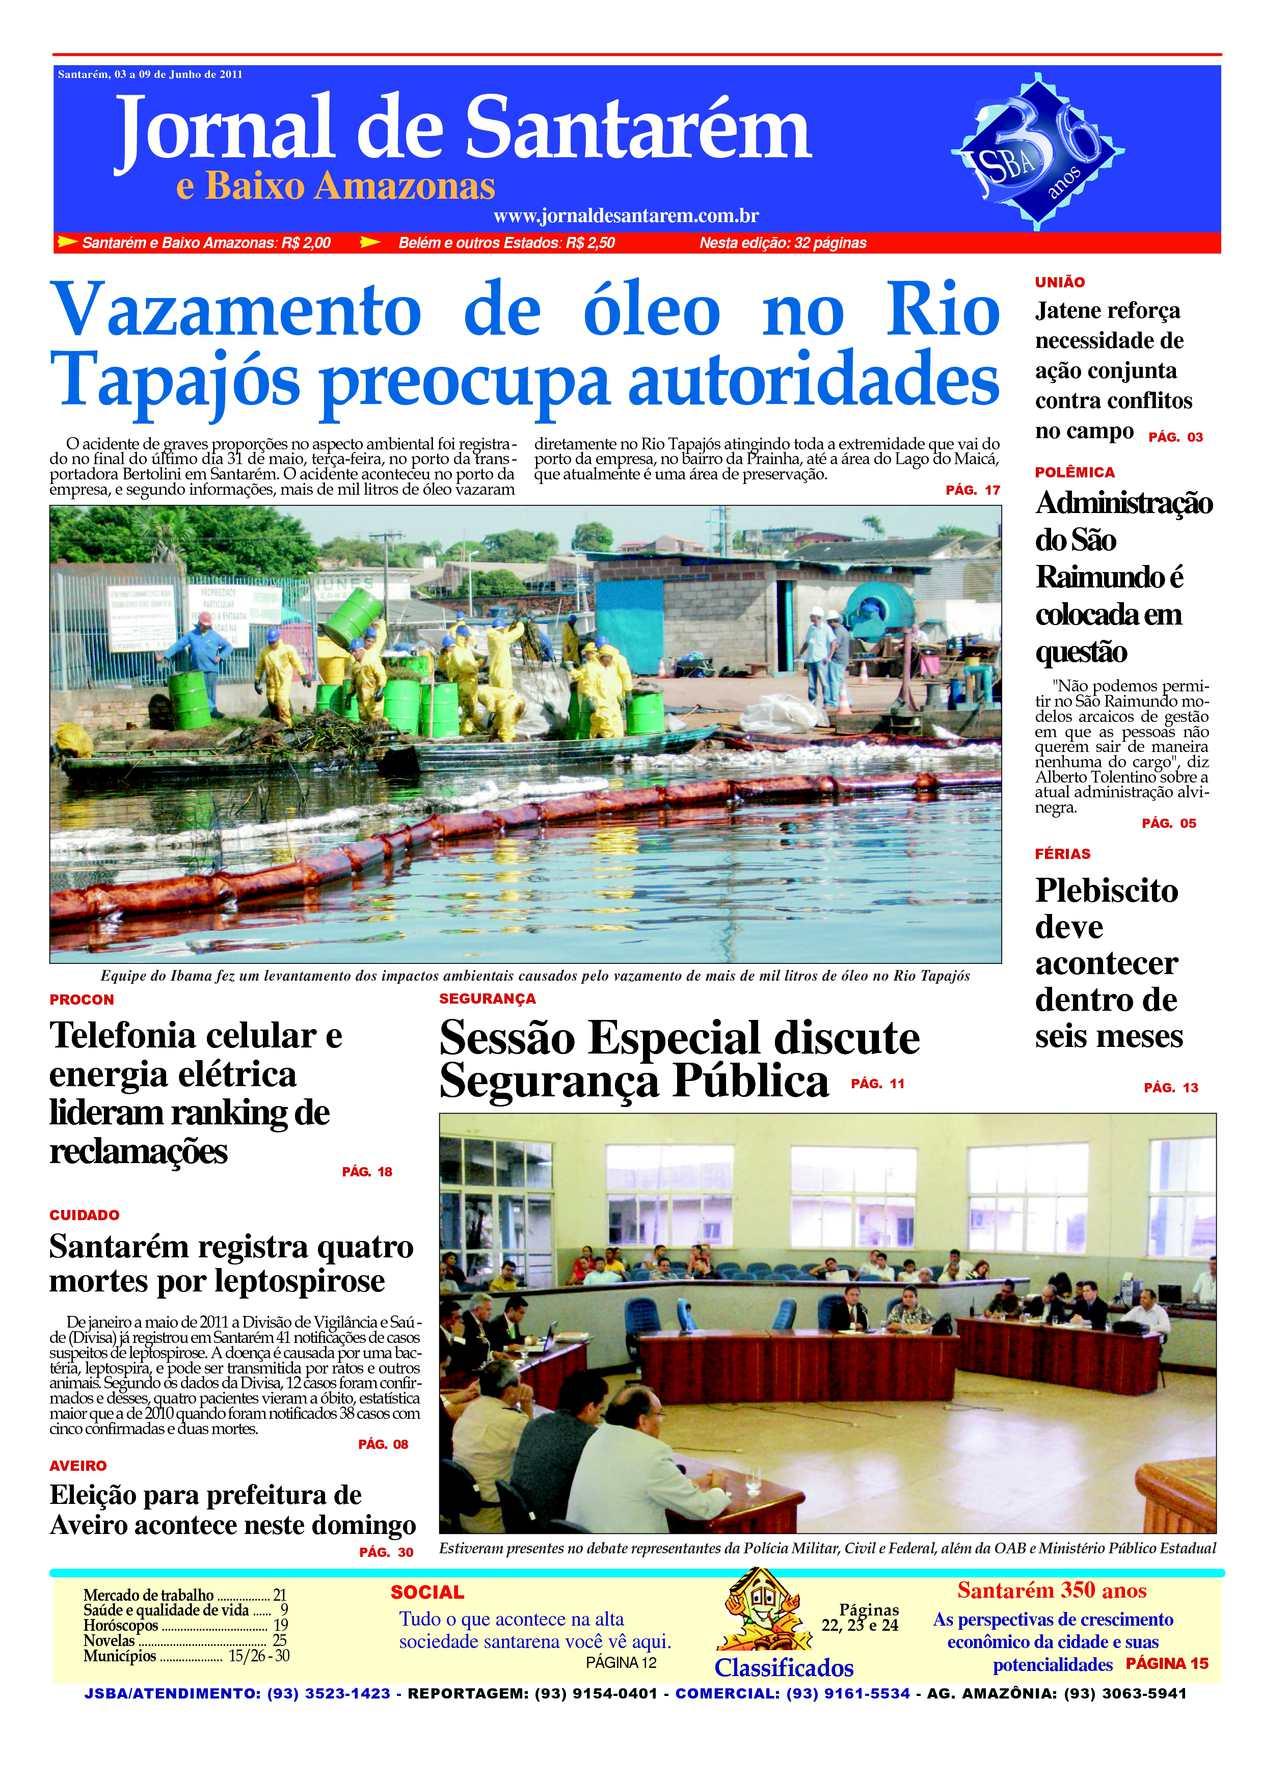 Calaméo - Jornal de Santarem de 03 a 09 de junho de 2011 cd86087ecb